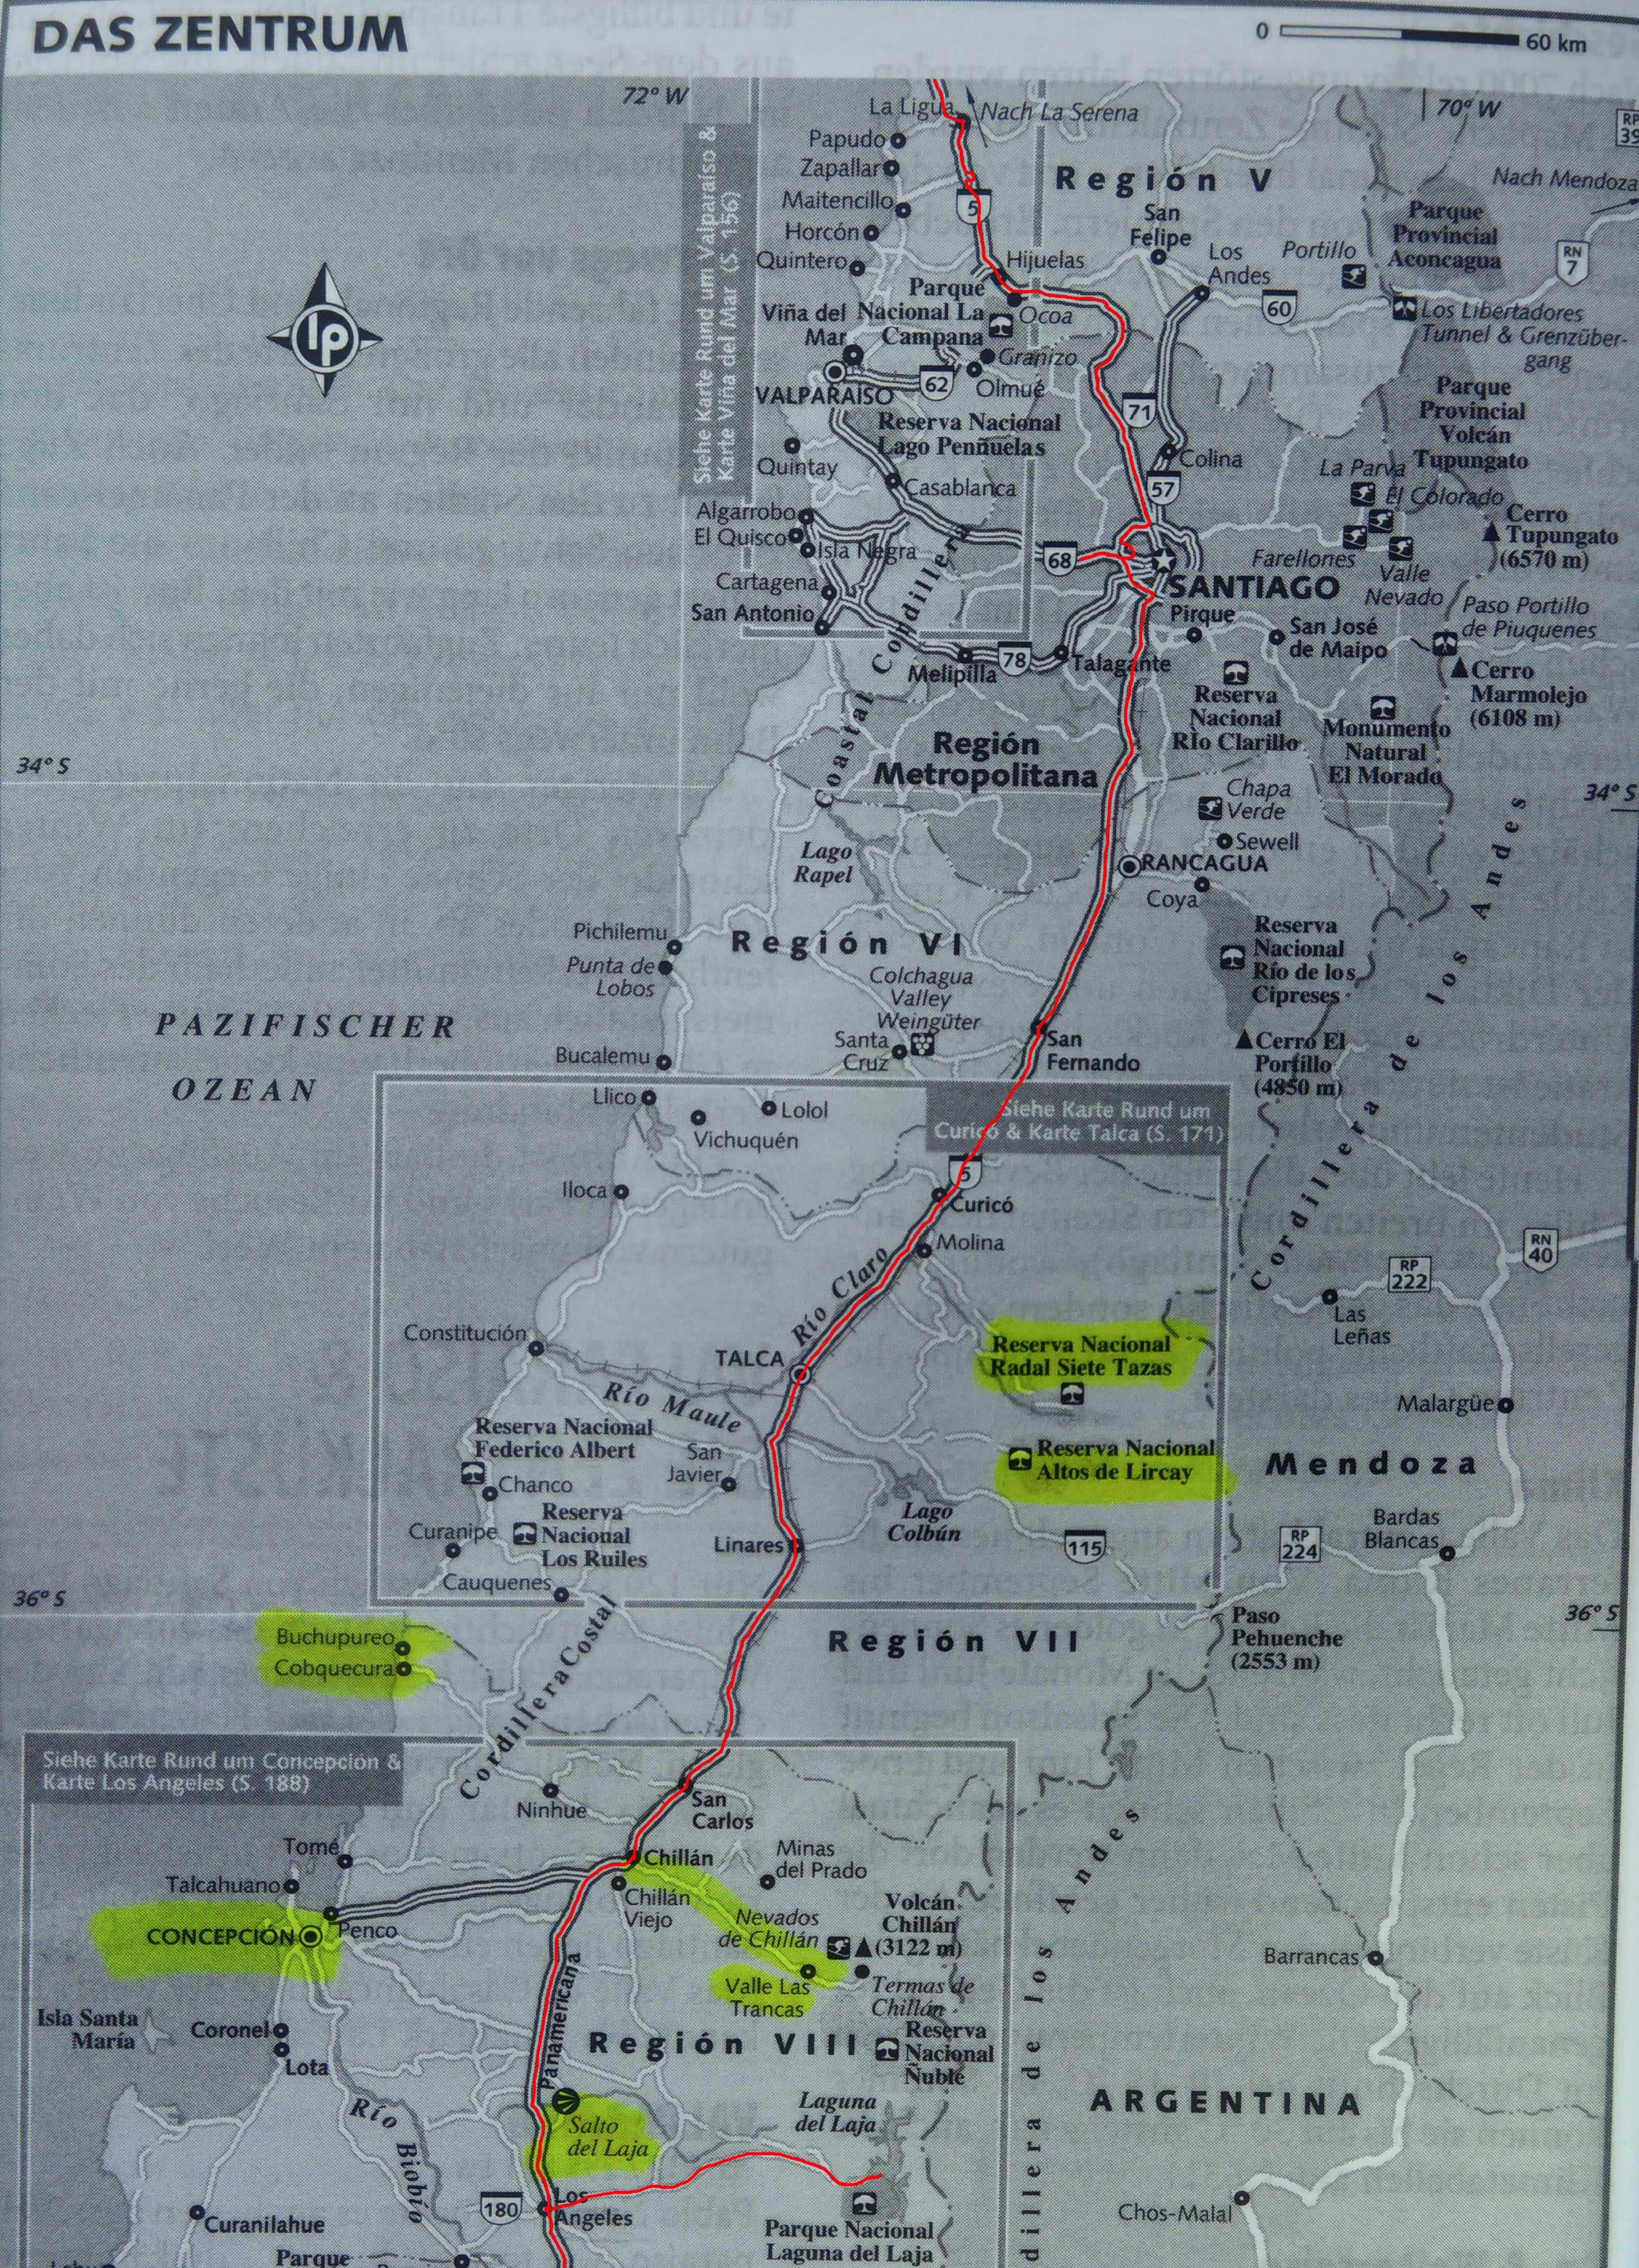 0181 Das Zentrum - Routejpg